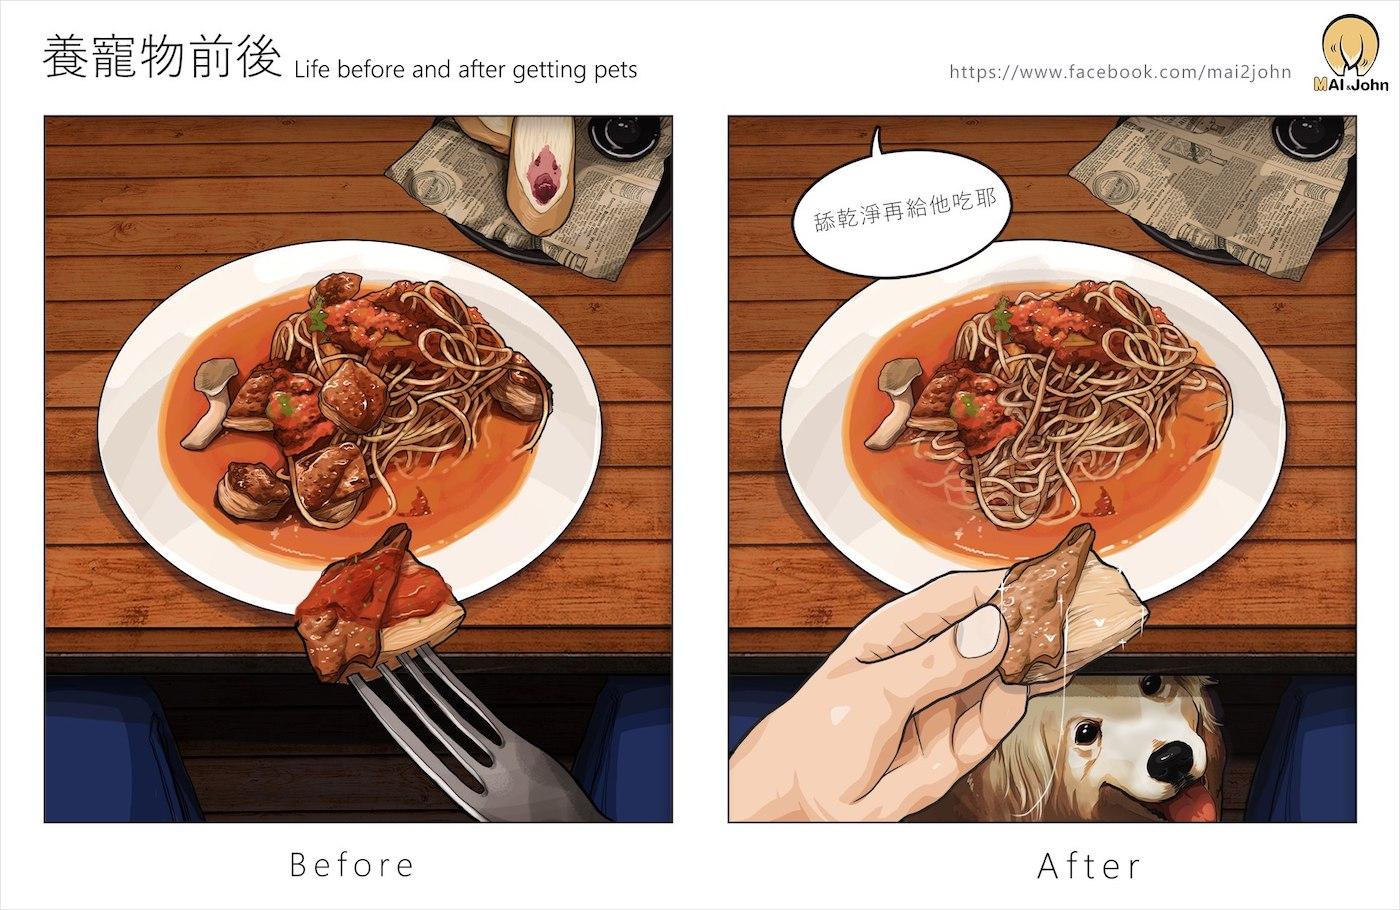 La vie avec et sans animaux de compagnie par l'illustrateur taïwanais mai2john.